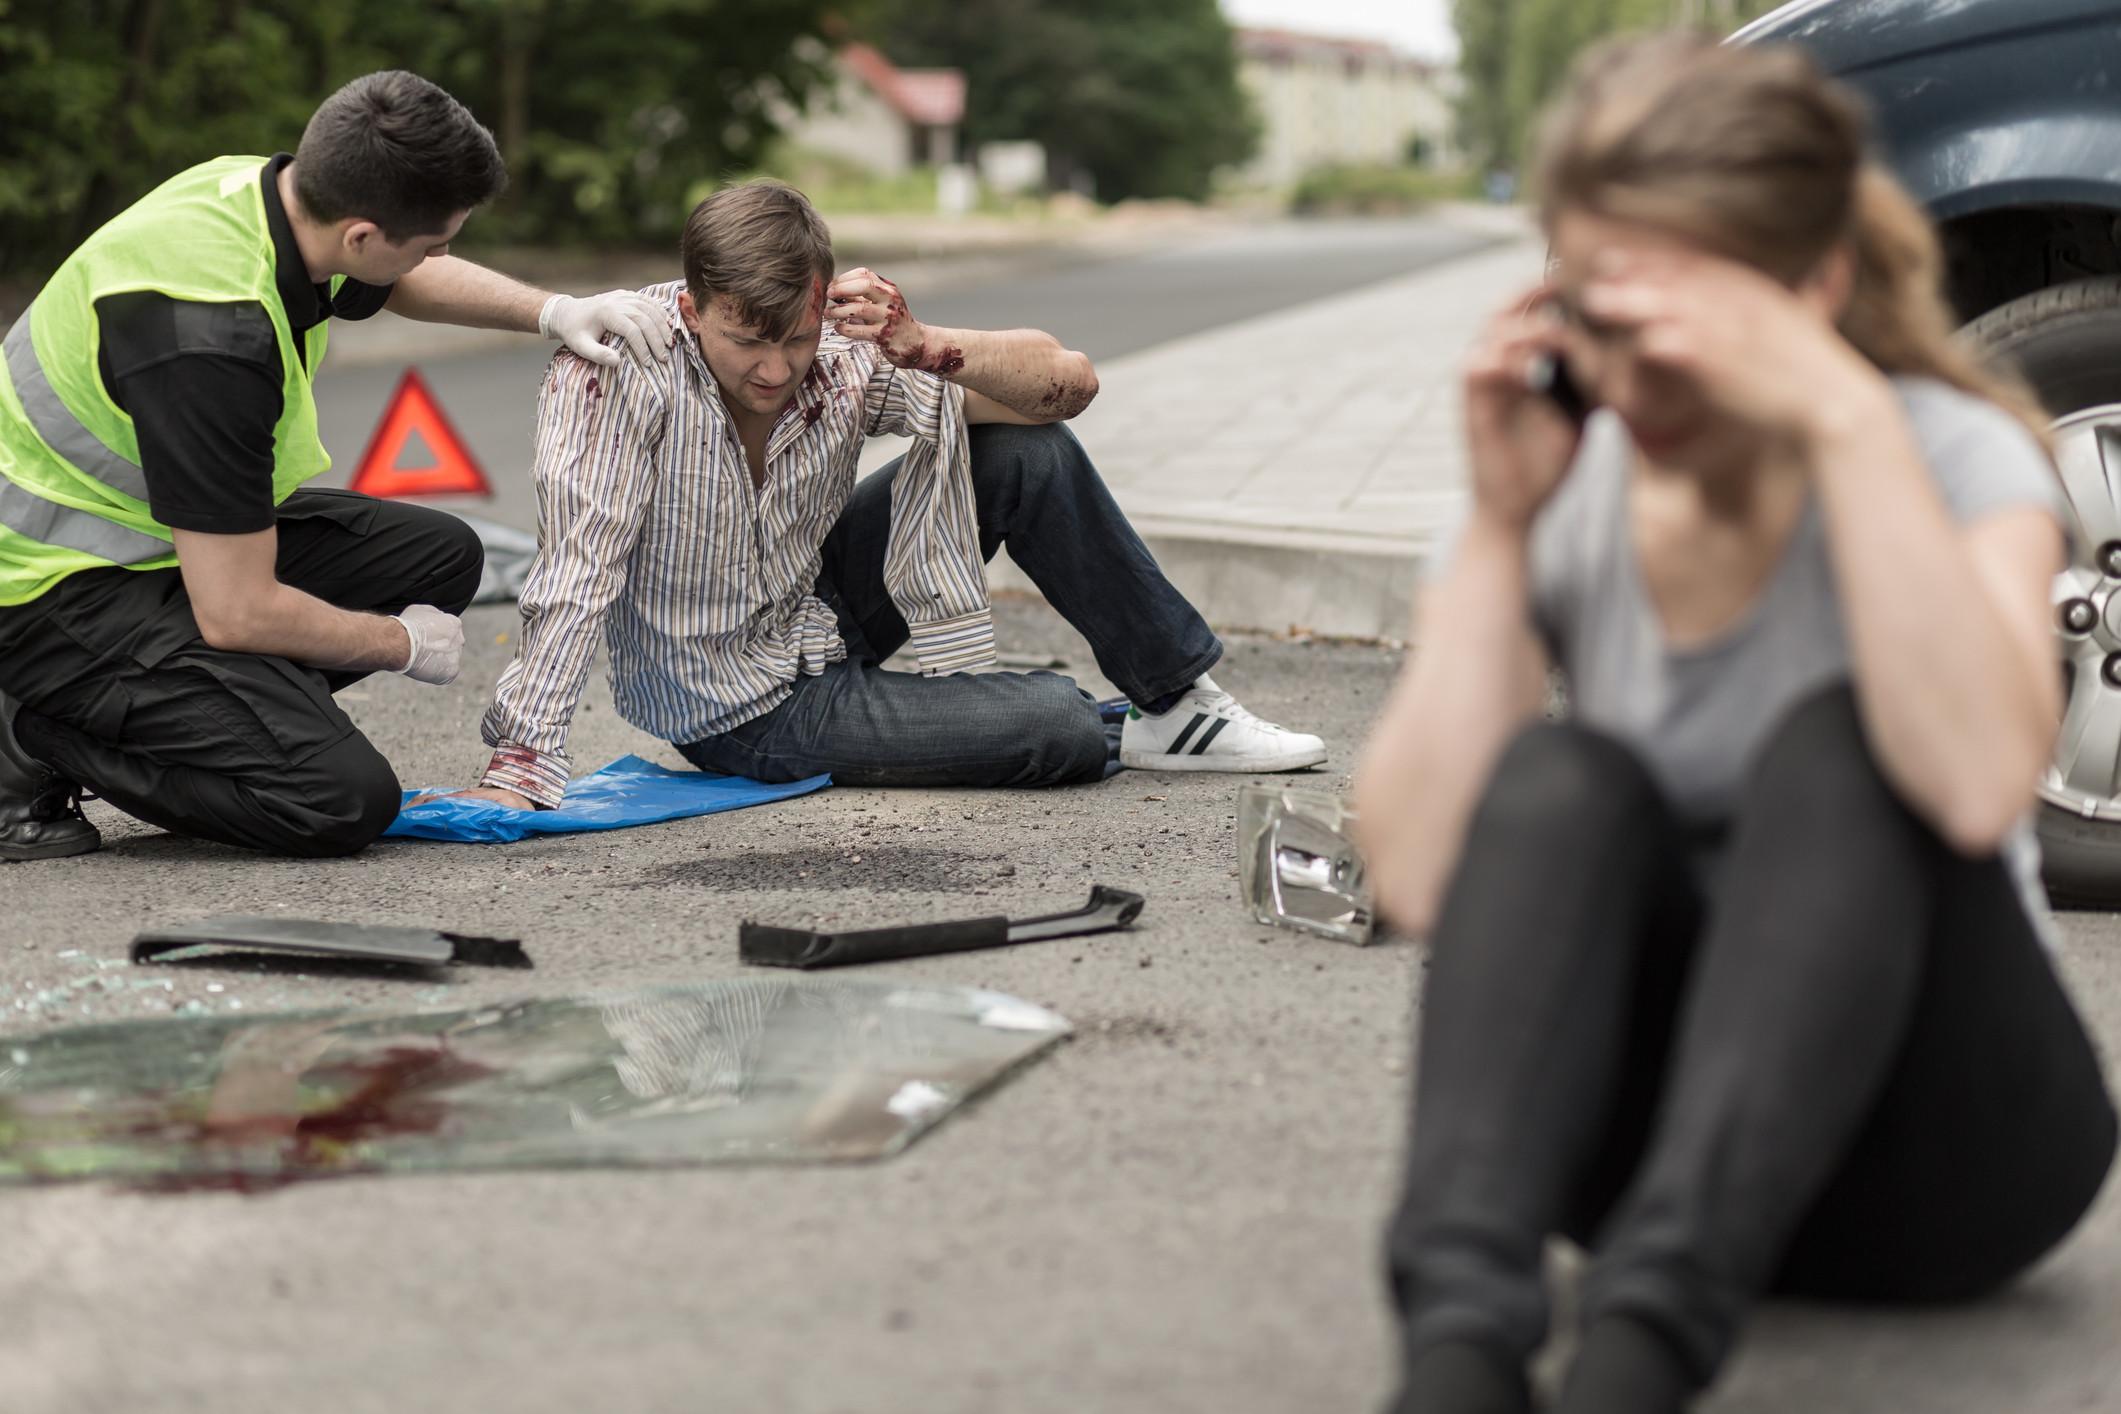 La fiscalía aboga por quitar todos los puntos del carné a los reincidentes que causen heridos leves